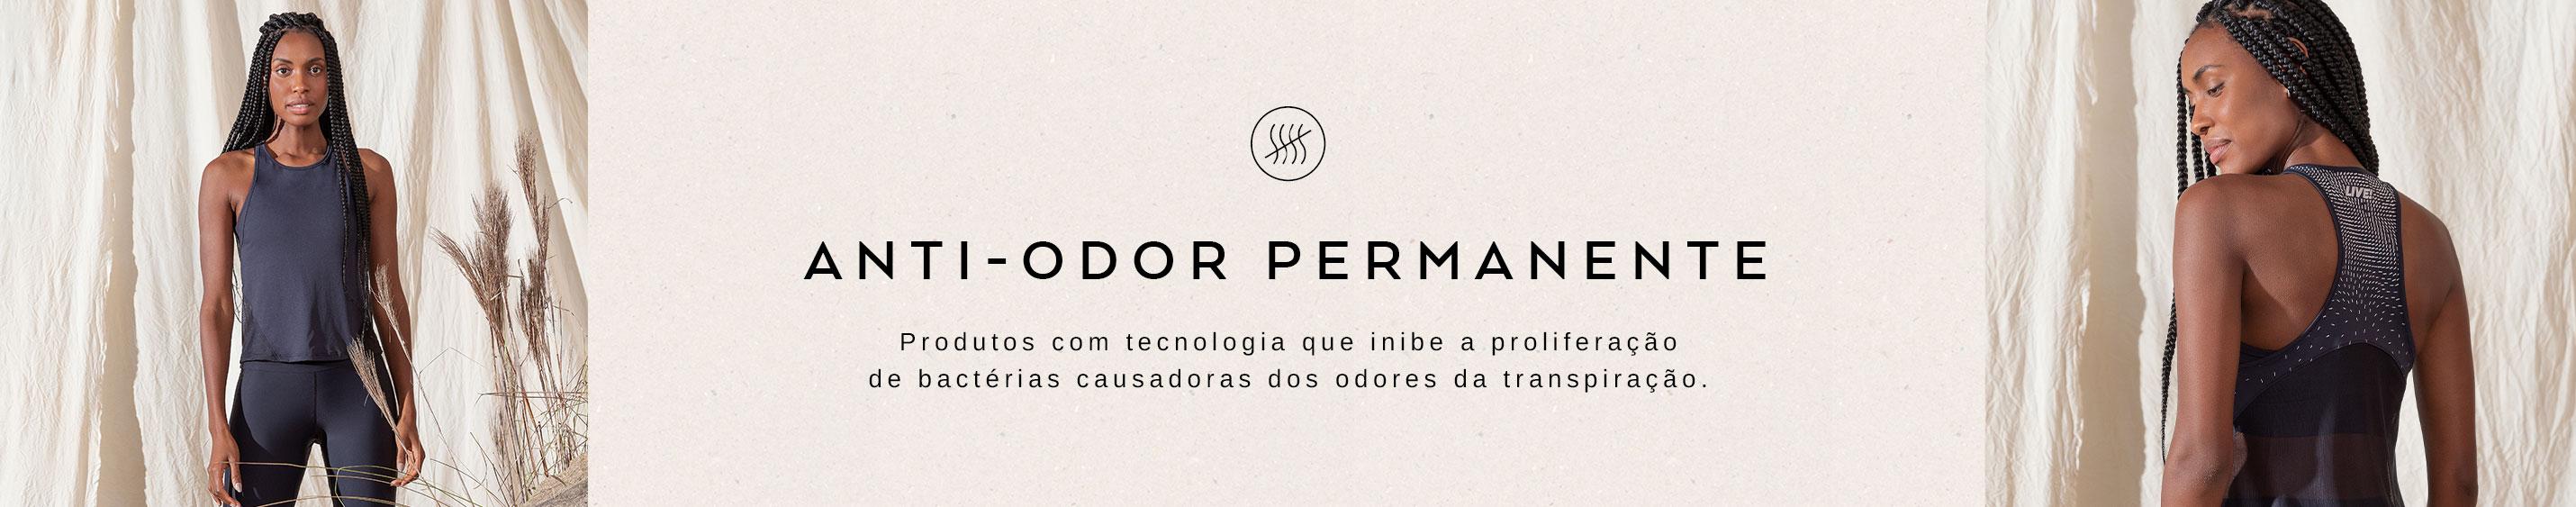 banner_anti_odor_permanente